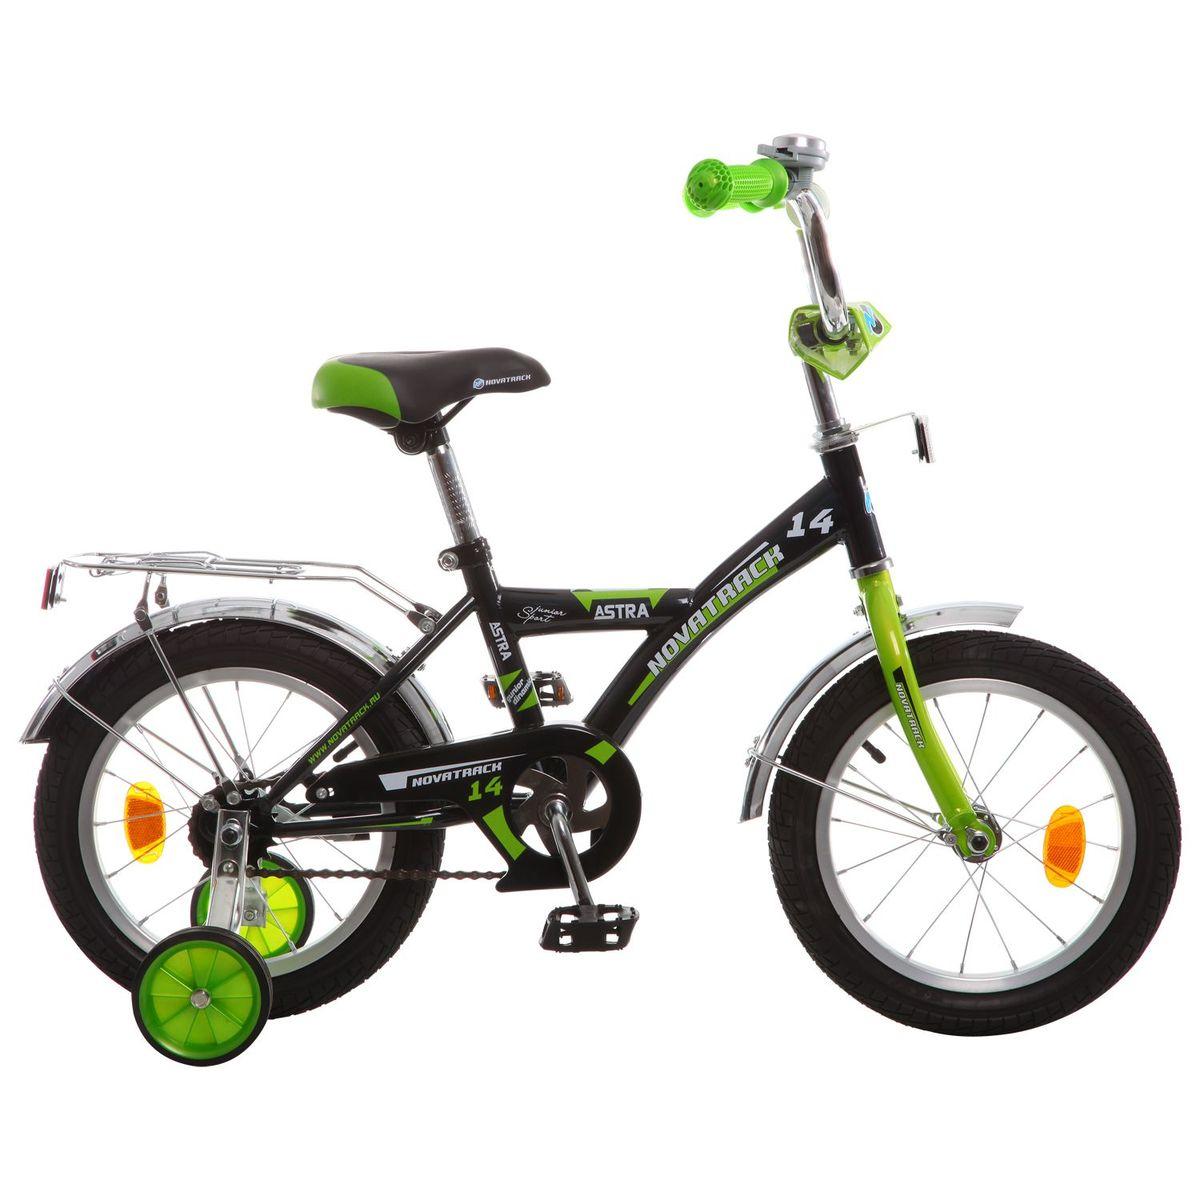 Велосипед детский Novatrack Astra 14, цвет: черный143ASTRA.BK5Хотите, чтобы ваш ребенок играя укреплял здоровье? Тогда ему нужен удобный и надежный велосипед Novatrack Astra 14'', рассчитанный на малышей 3-5 лет. Одного взгляда малыша хватит, чтобы раз и навсегда влюбиться в свой новенький двухколесный транспорт, который в принципе, сначала можно назвать и четырехколесным. Дополнительную устойчивость железному «коню» обеспечивают два маленьких съемных колеса в цвет велосипеда. Astra собрана на базе рамы с универсальной геометрией, которая позволяет легко взобраться или слезть с велосипеда, при этом он имеет такой вес, что маленький ребенок сам легко справляется со своим транспортным средством. Так как велосипед предназначен для самых маленьких, предусмотрен ограничитель поворота руля, который не позволит сильно завернуть руль и упасть. Еще один элемент безопасности – это защита цепи, которая оберегает одежду и ноги малыша от попадания в механизм. Стильные крылья защитят от грязи и брызг, а на багажнике ребенок сможет перевозить массу полезных в дороге вещей. Данная модель маневренна и легко управляется, поэтому ребенку будет несложно и интересно учиться езде.